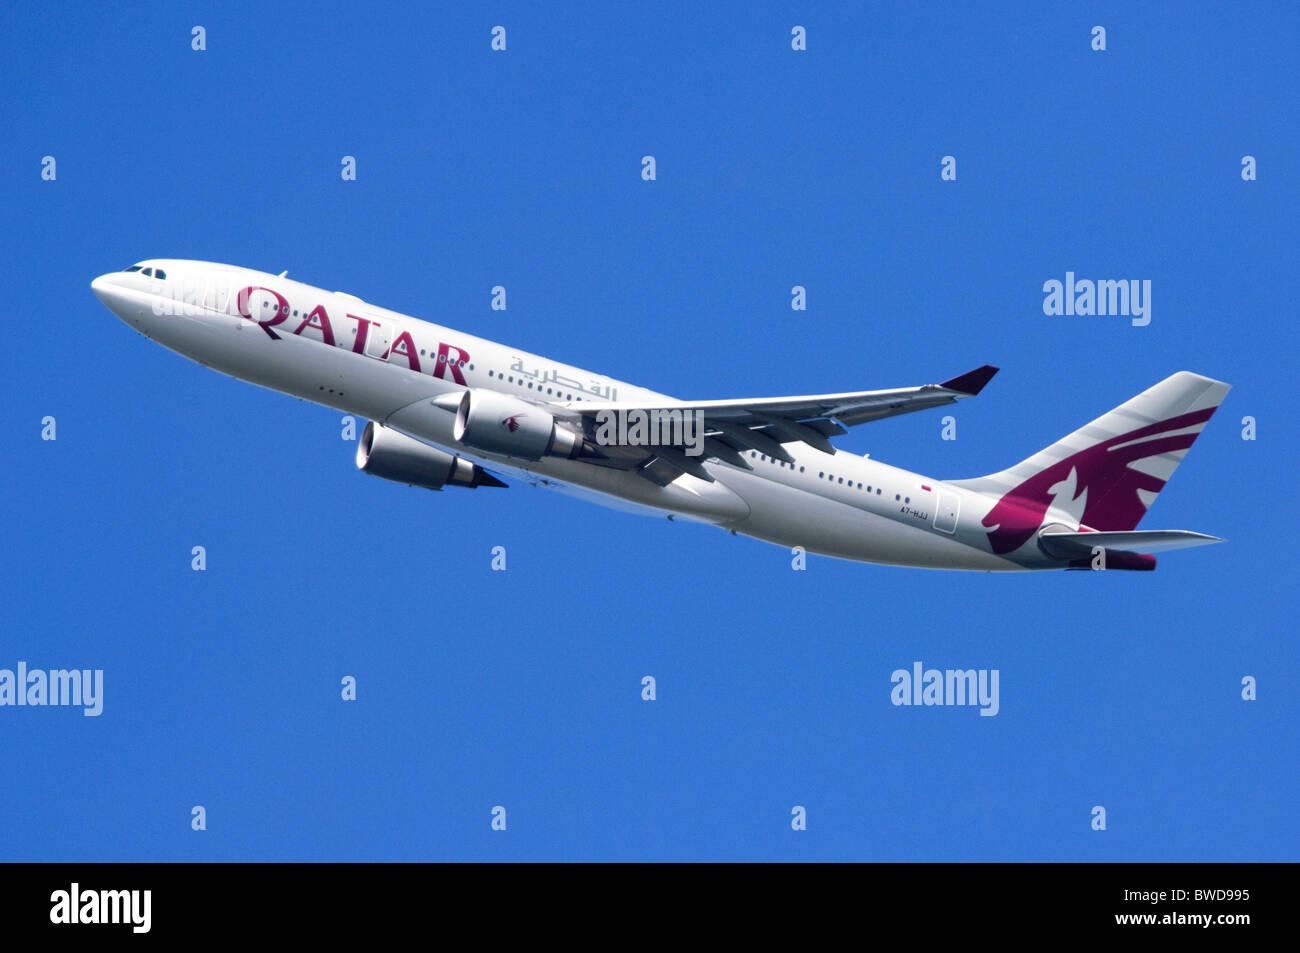 Airbus A330 azionato da Qatar Airways arrampicata fuori dopo il decollo dall'Aeroporto di Londra Heathrow Immagini Stock